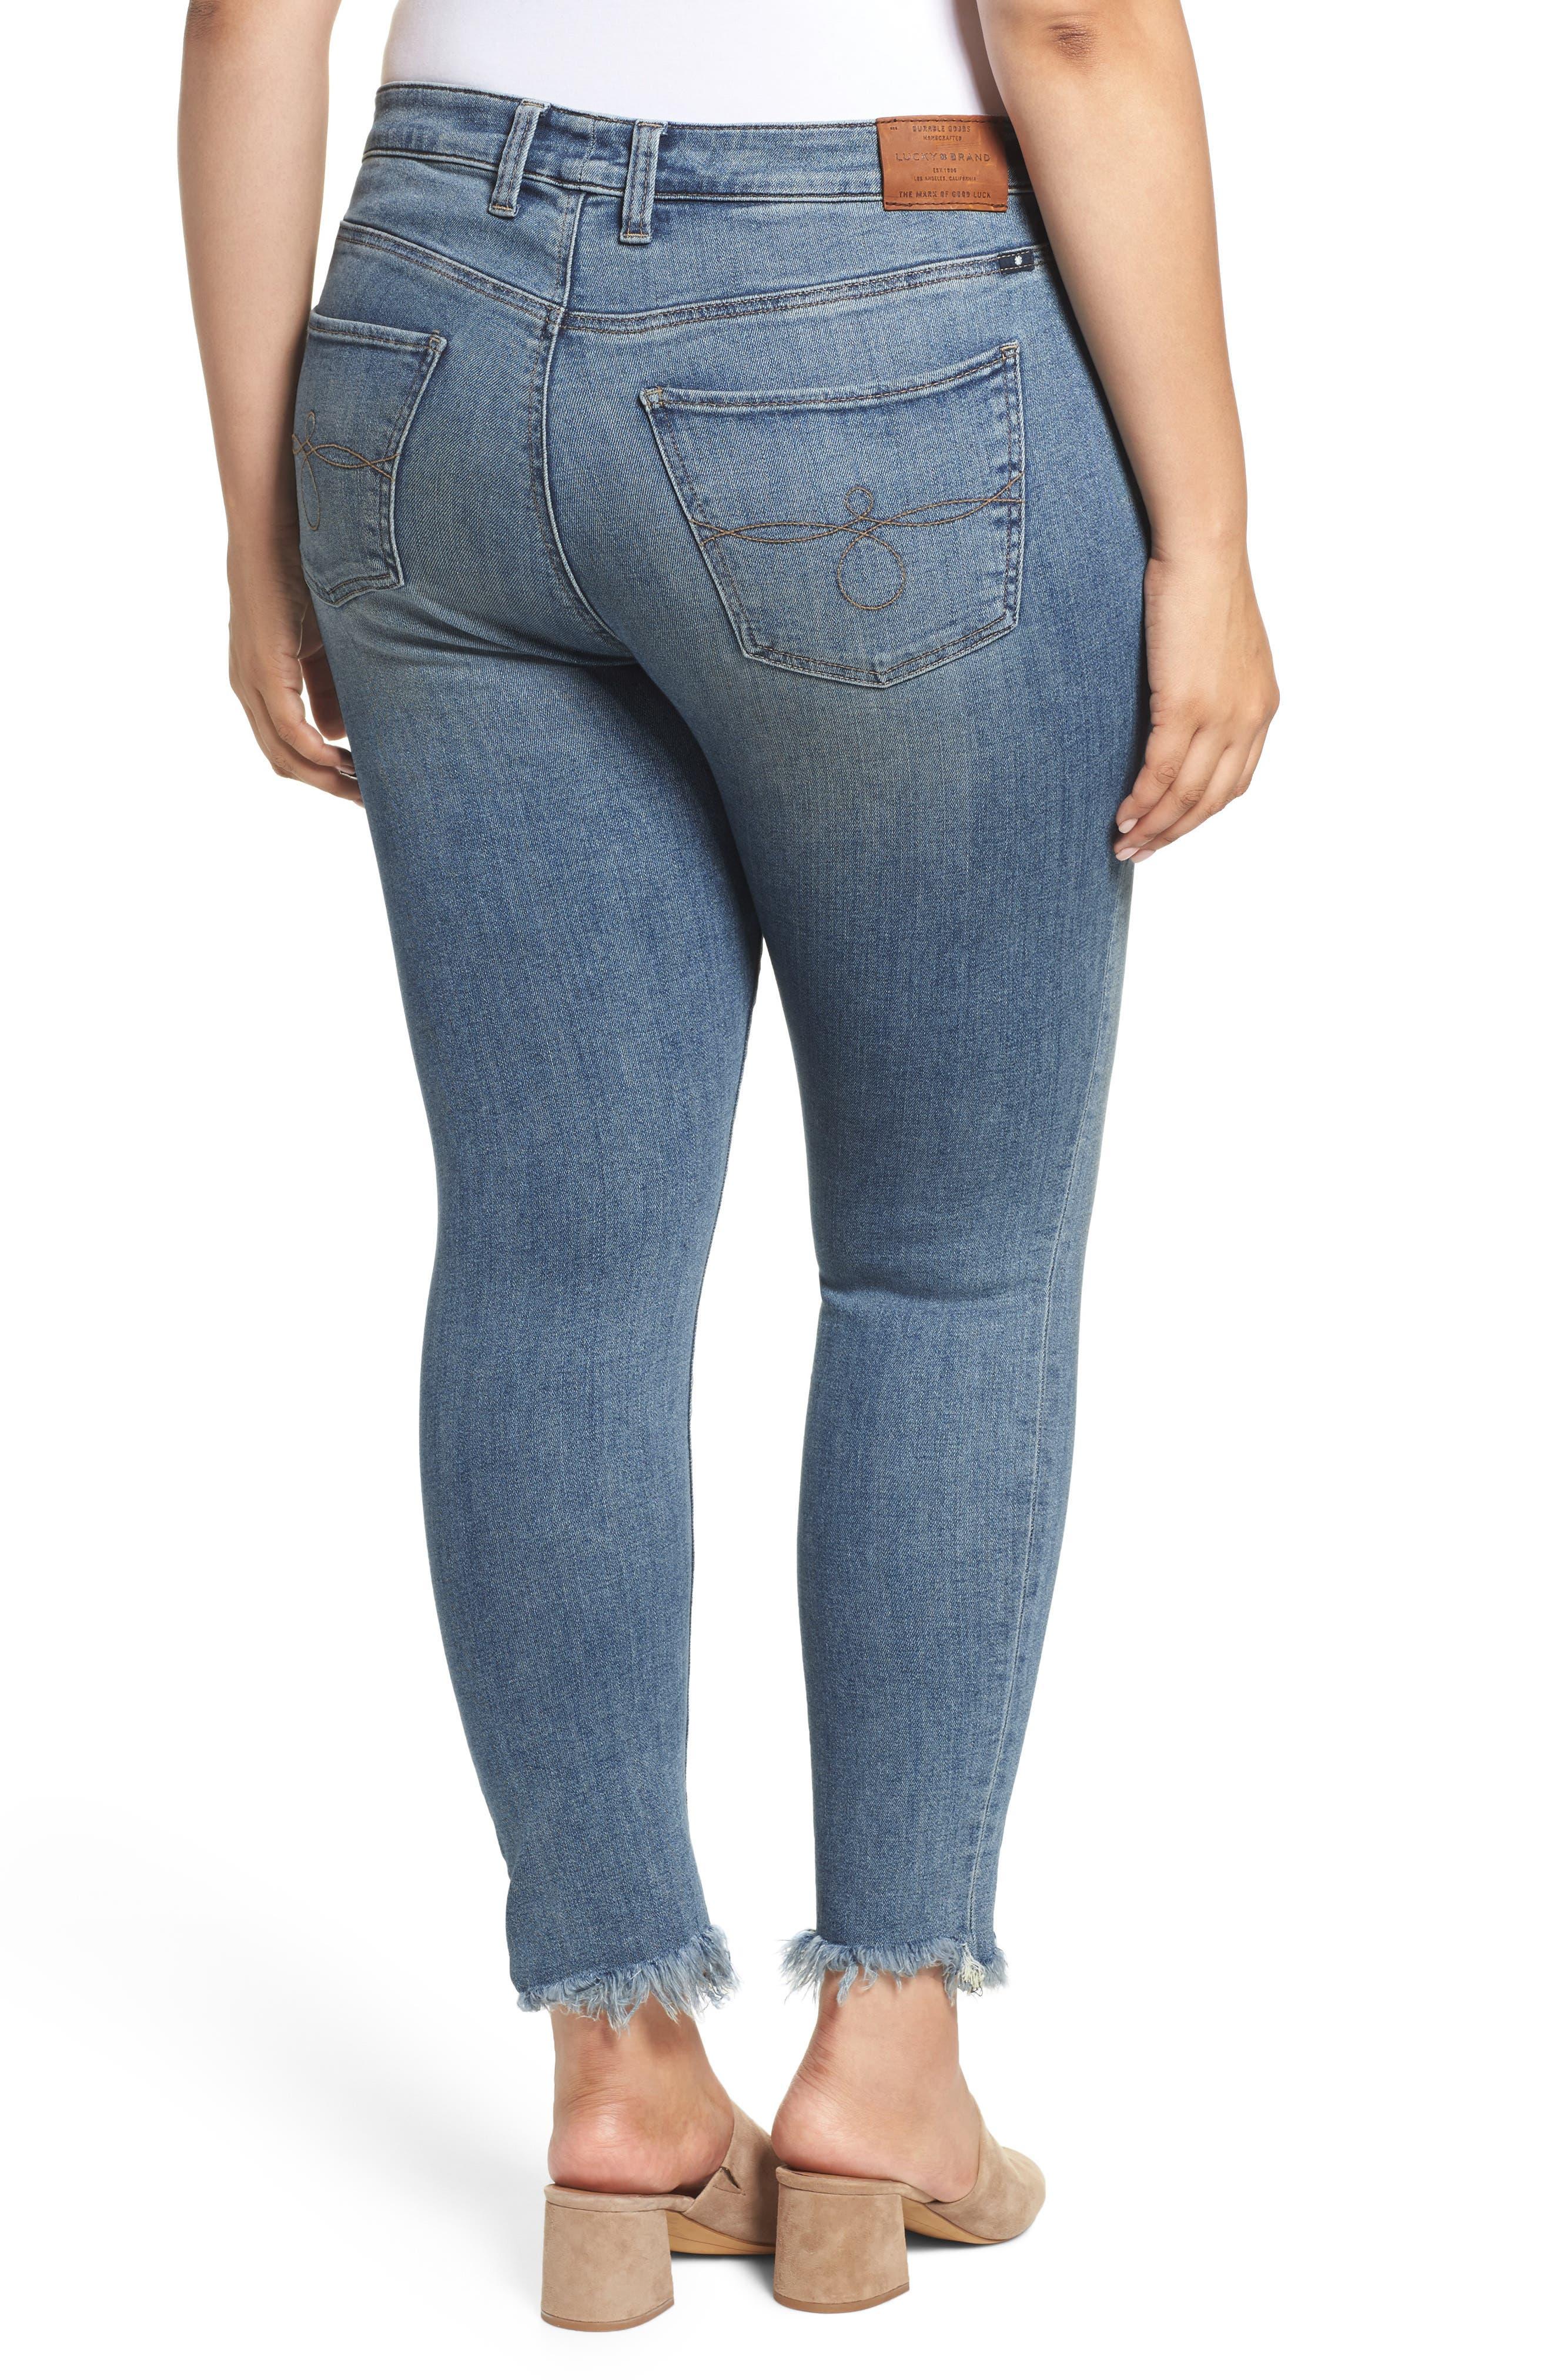 LUCKY BRAND,                             Ginger Fringed Hem Skinny Jeans,                             Alternate thumbnail 2, color,                             400